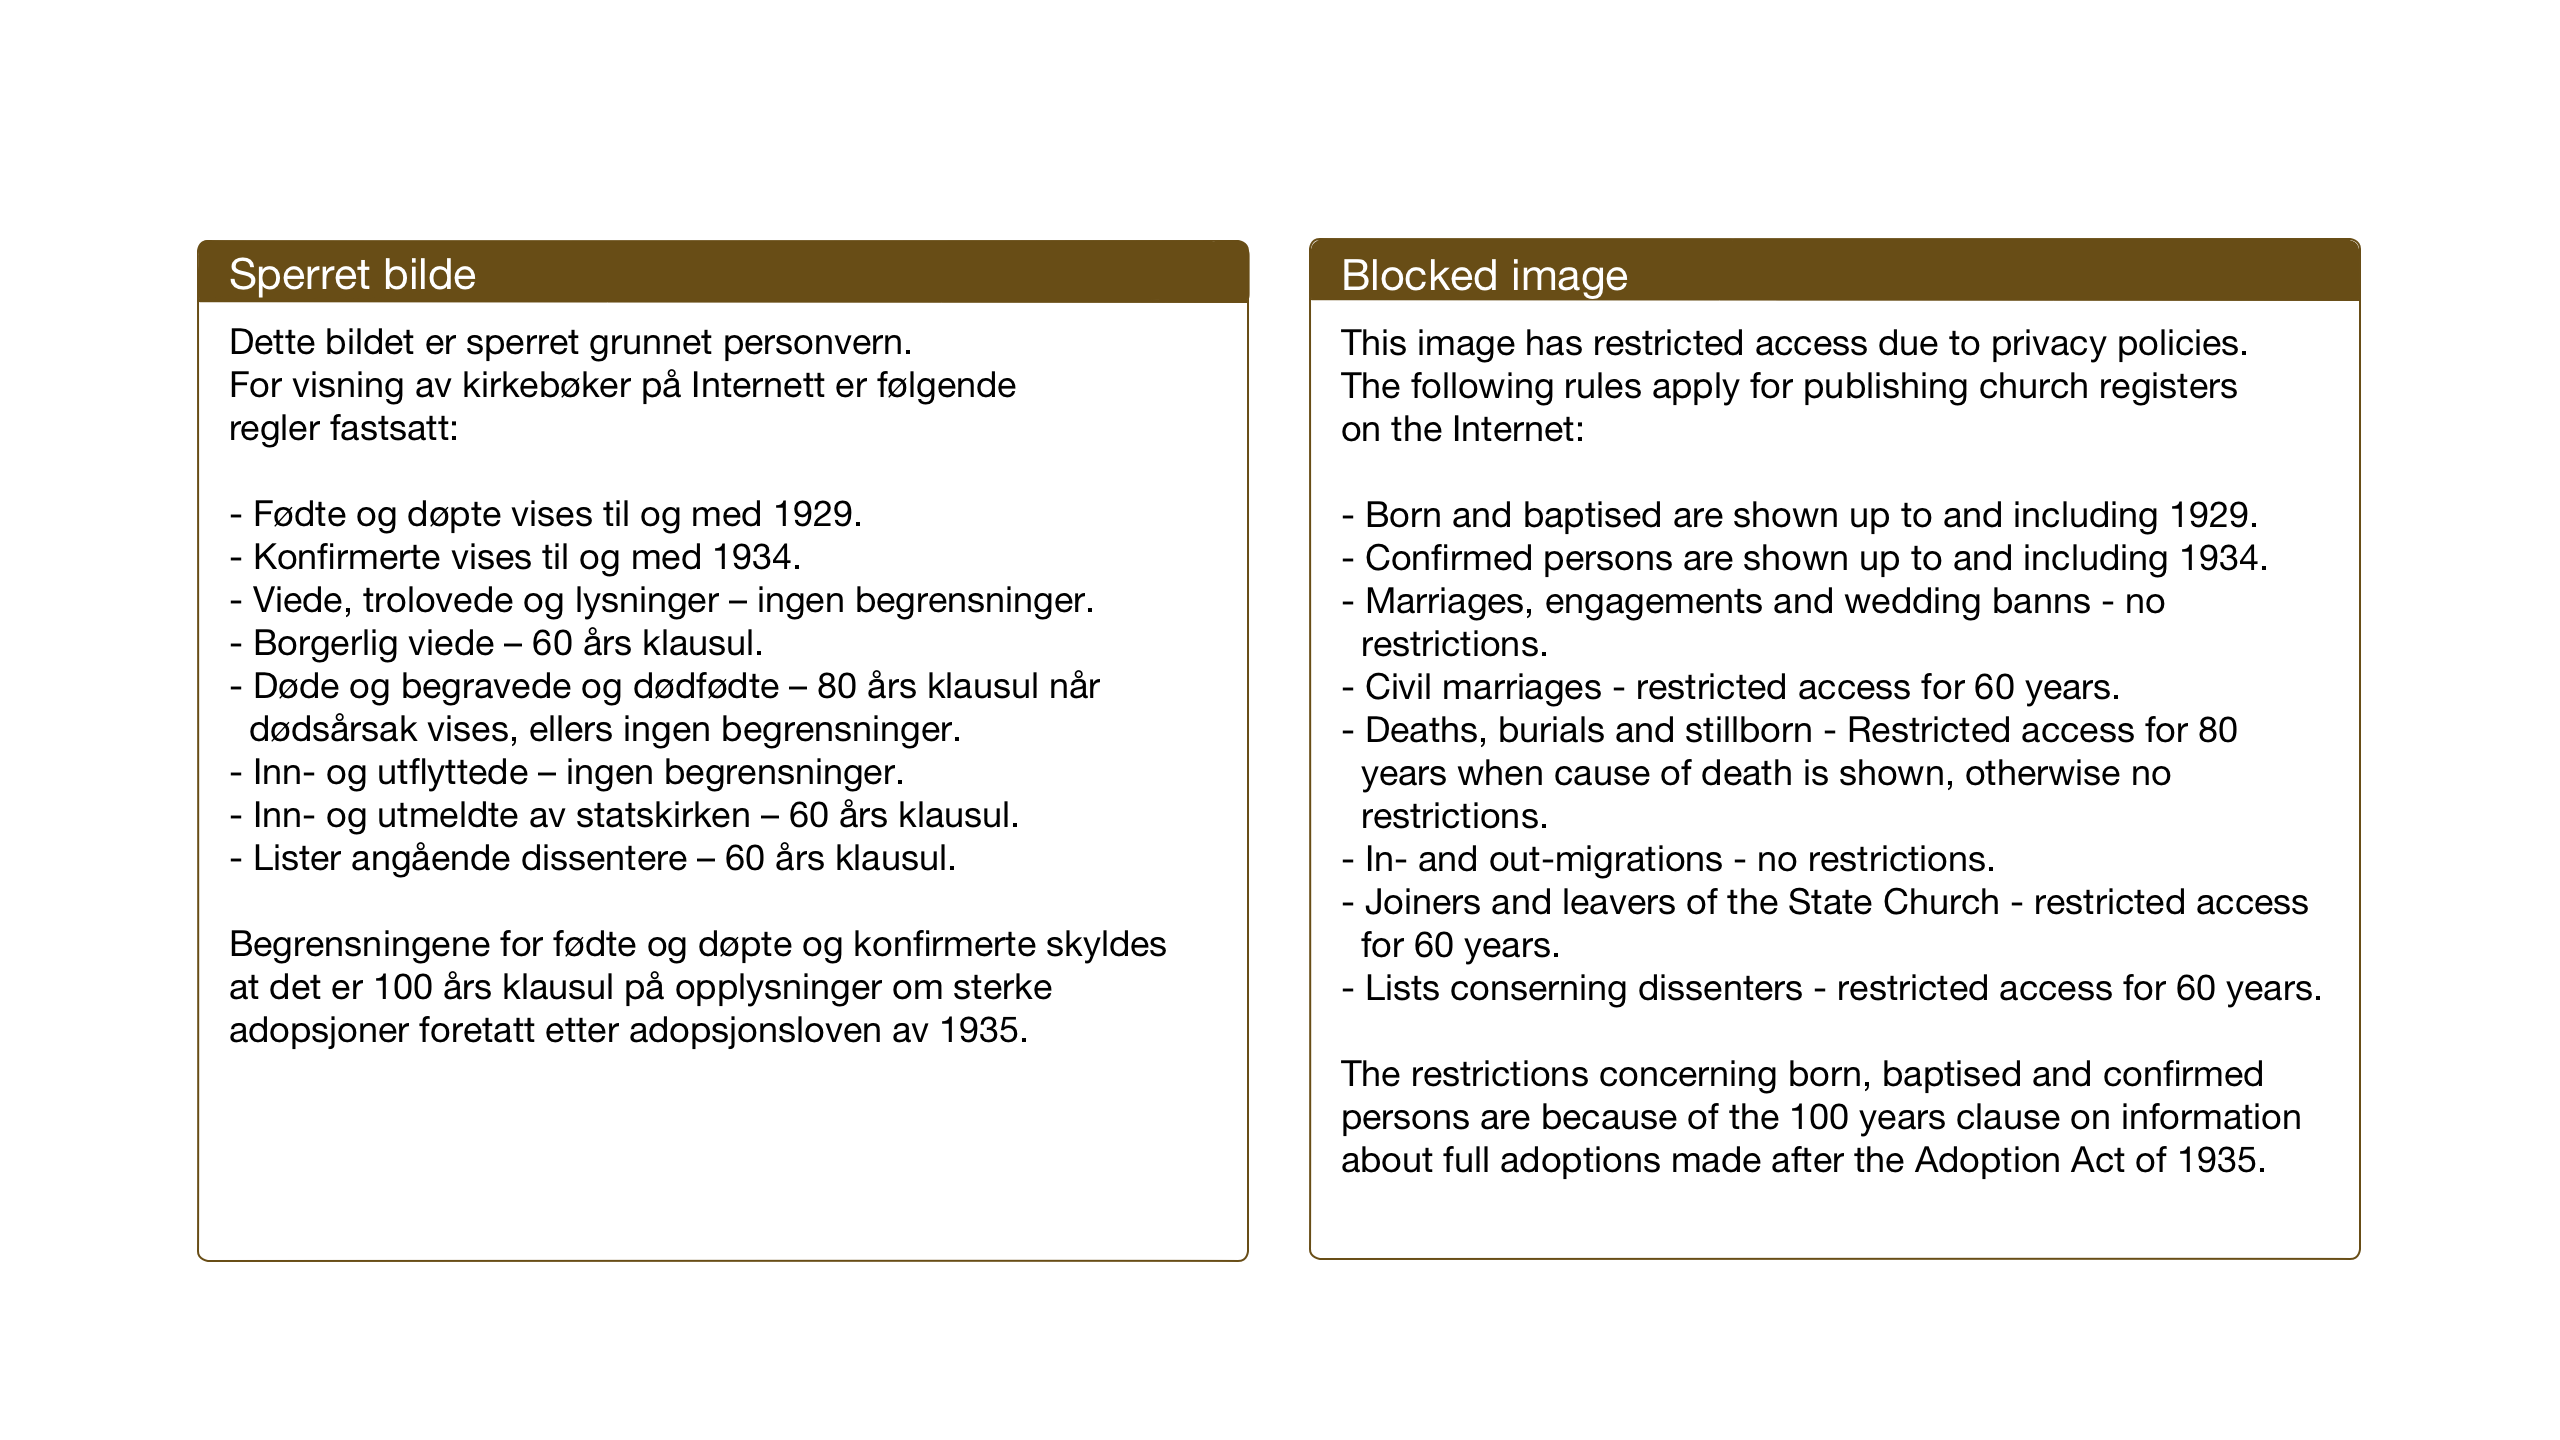 SAT, Ministerialprotokoller, klokkerbøker og fødselsregistre - Sør-Trøndelag, 669/L0832: Klokkerbok nr. 669C02, 1925-1953, s. 28